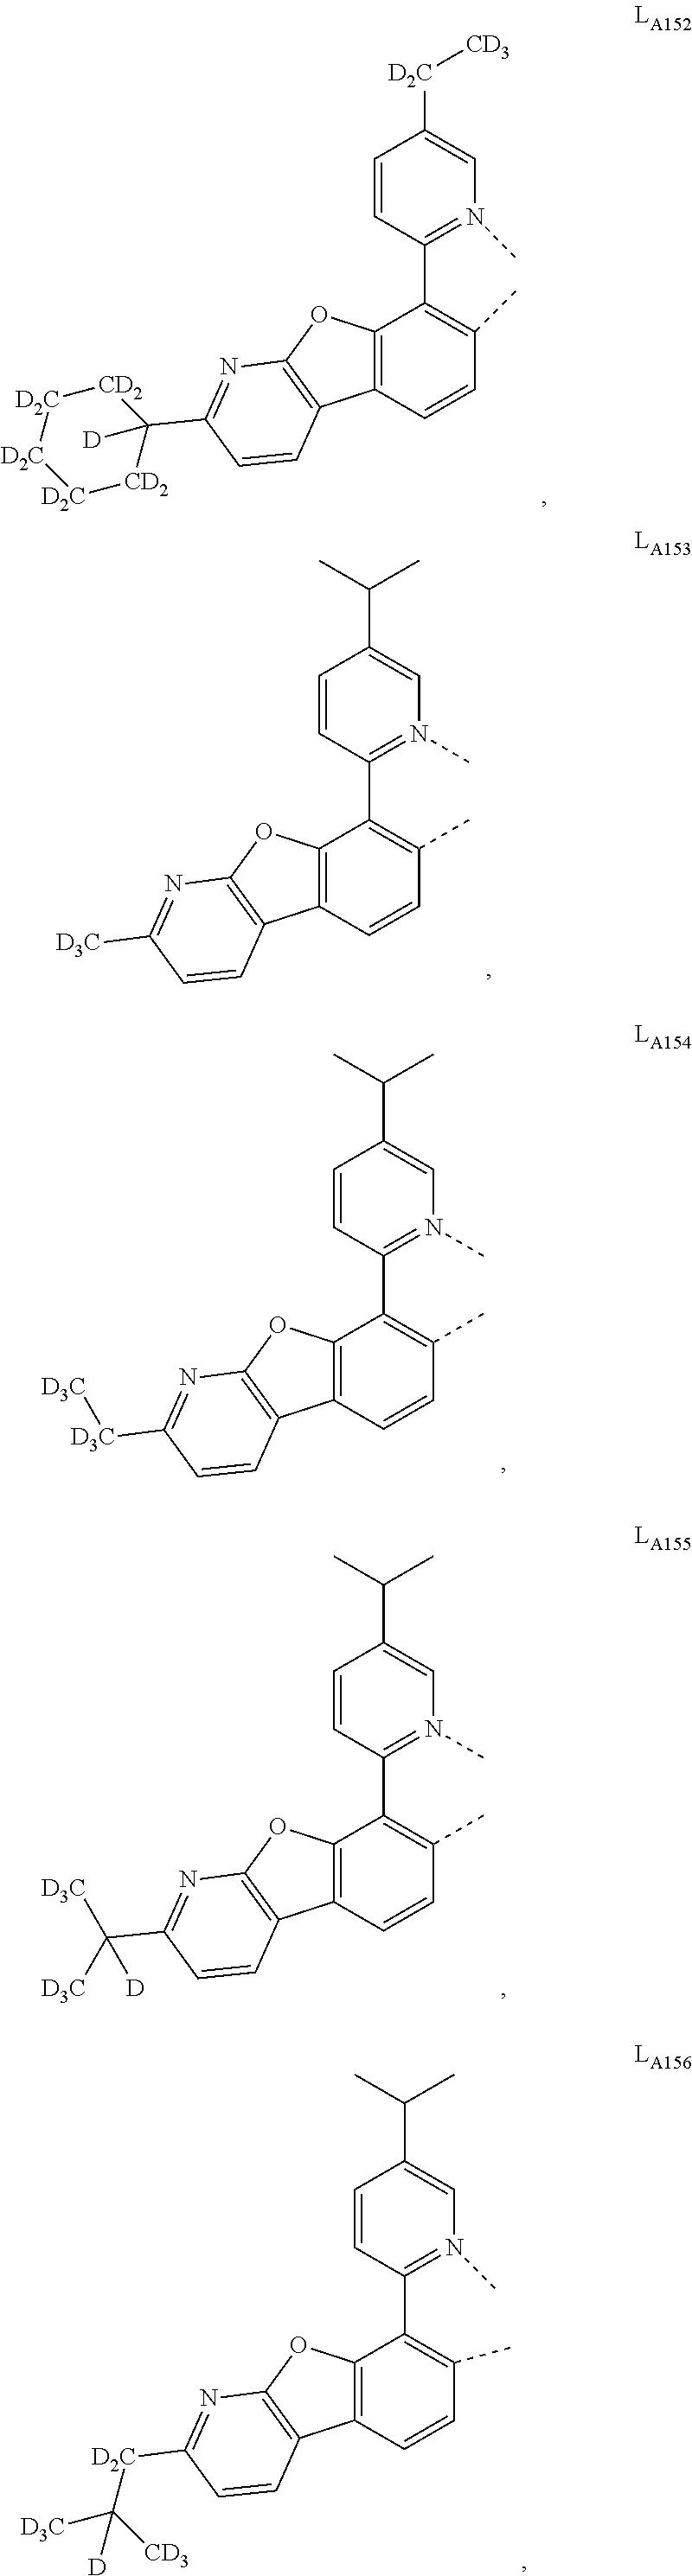 Figure US20160049599A1-20160218-C00431